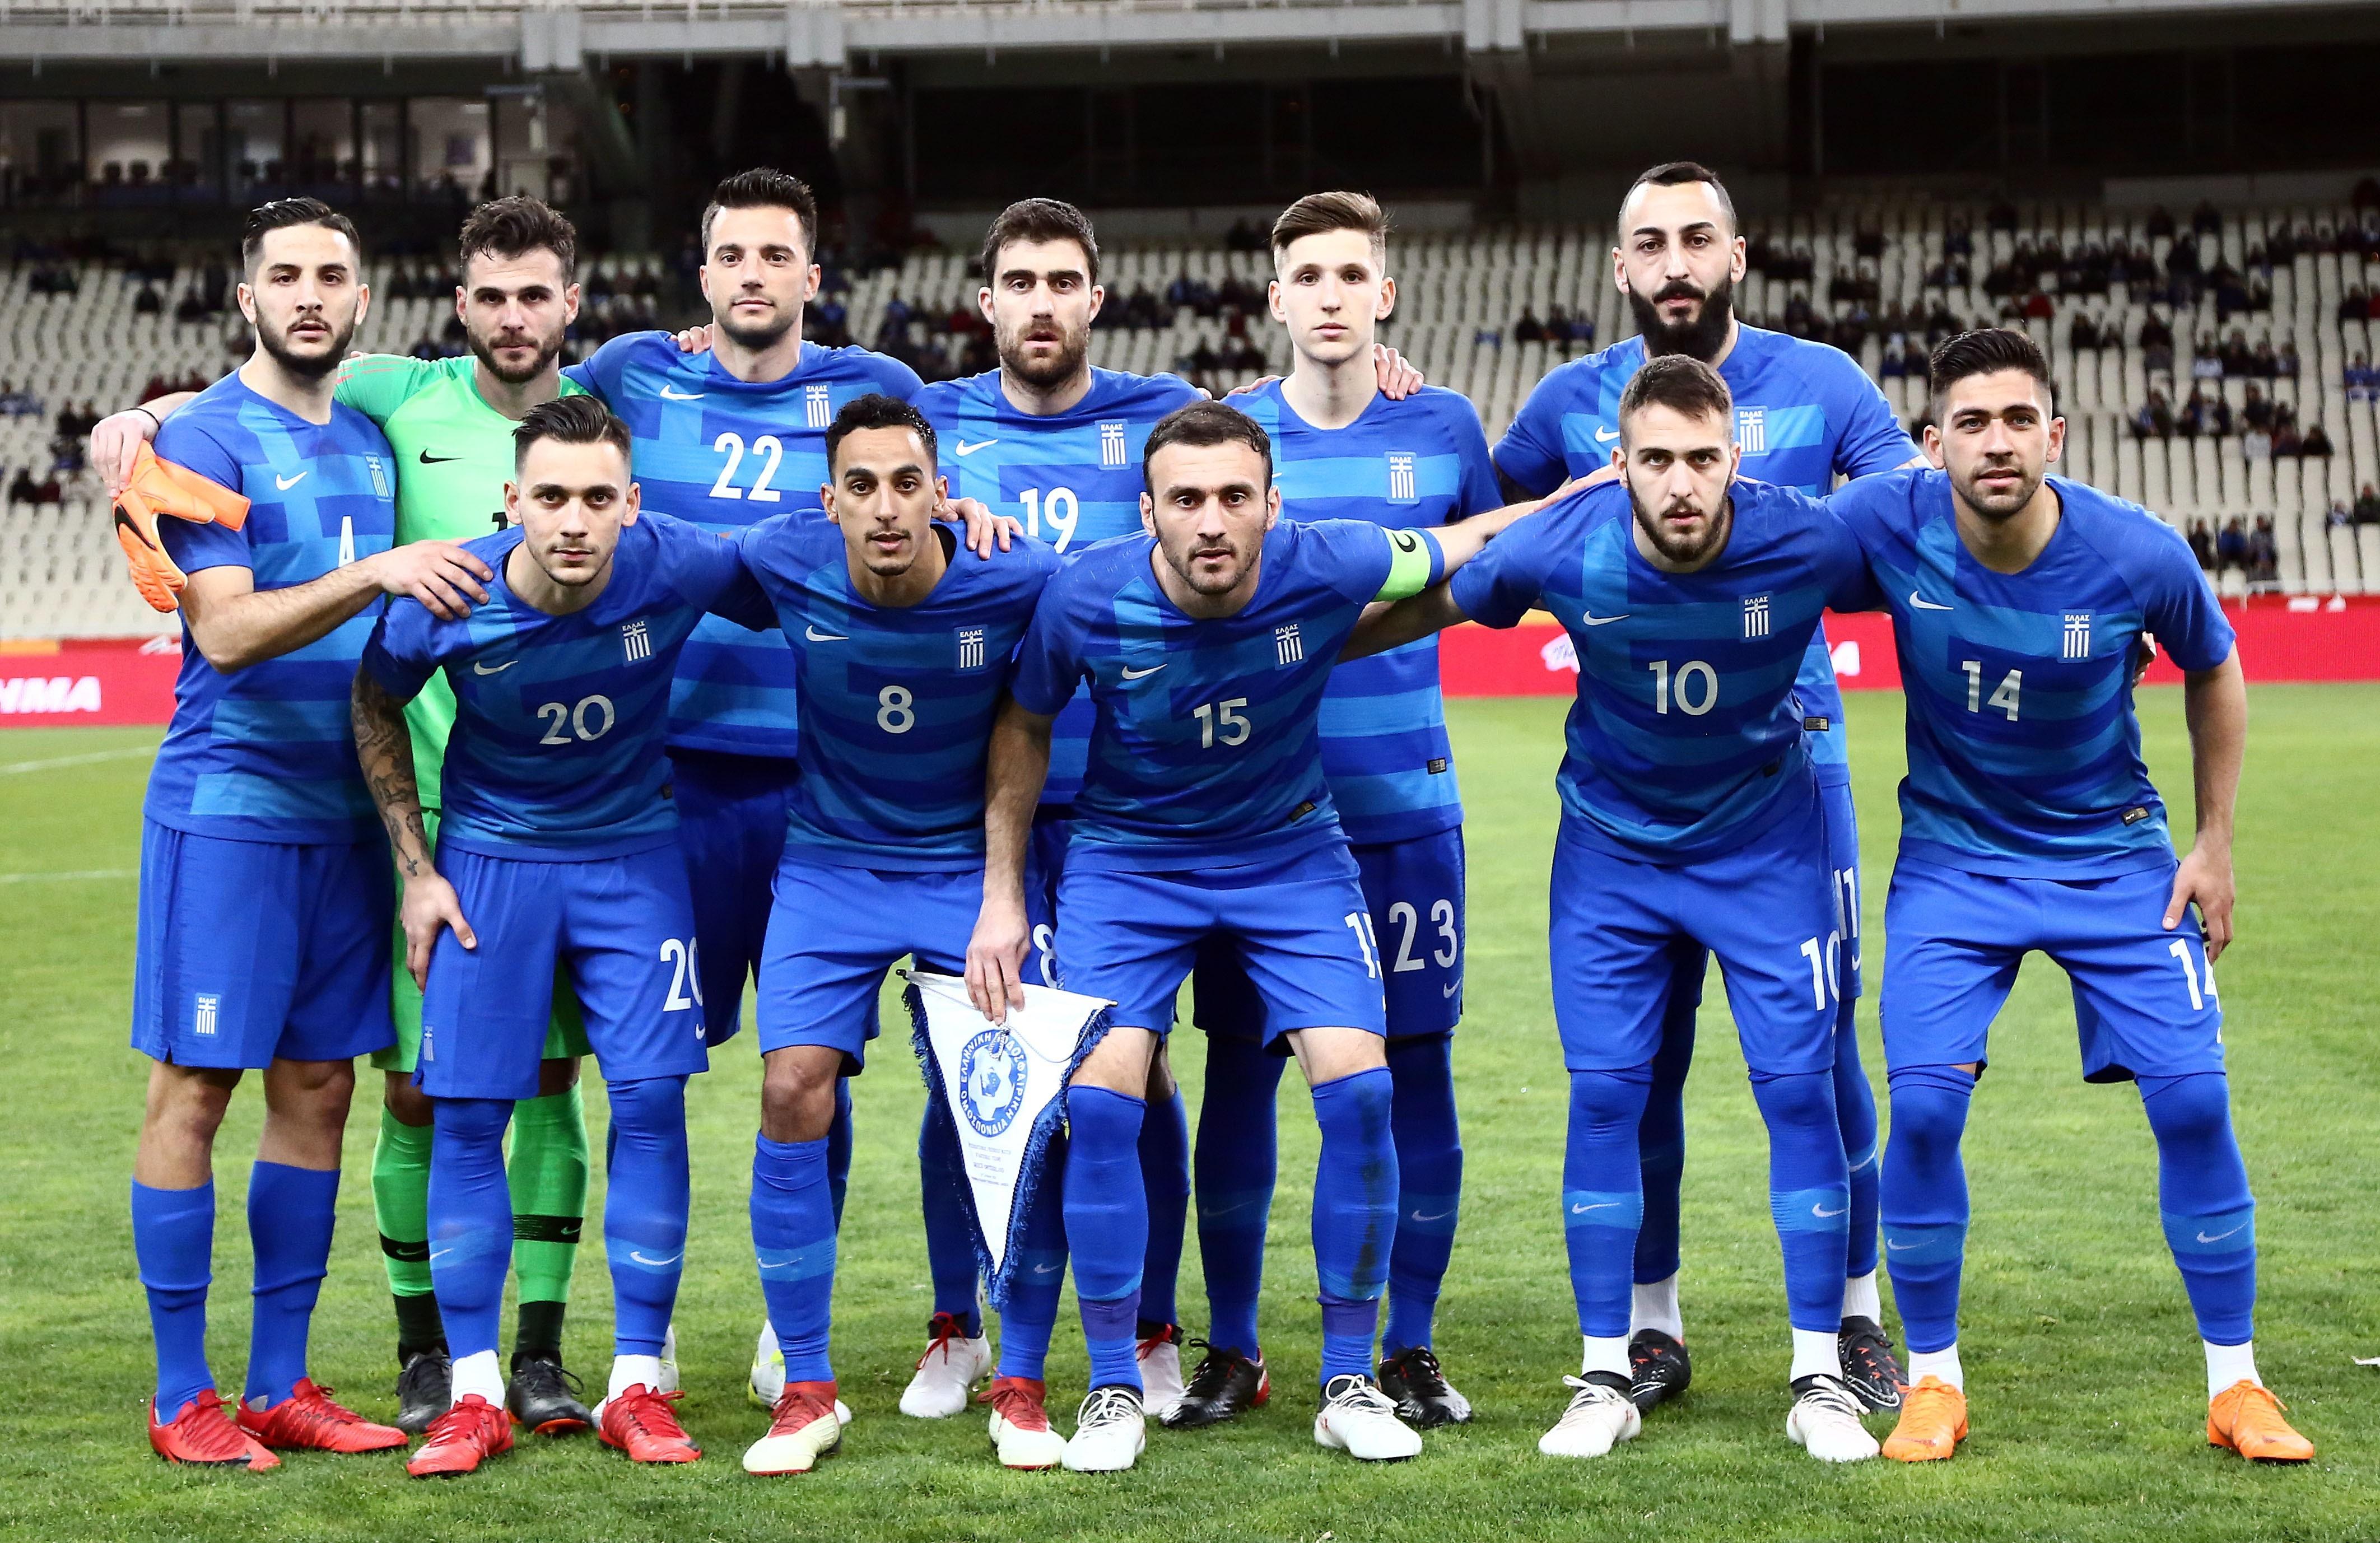 bd99d03f09c Kreeka koondis alustab UEFA Rahvuste liigat mängudega Eesti ja Ungari  vastu. Meeskonna peatreener Michael Skibbe teatas 23 mängija nime, kes  pallivad ...